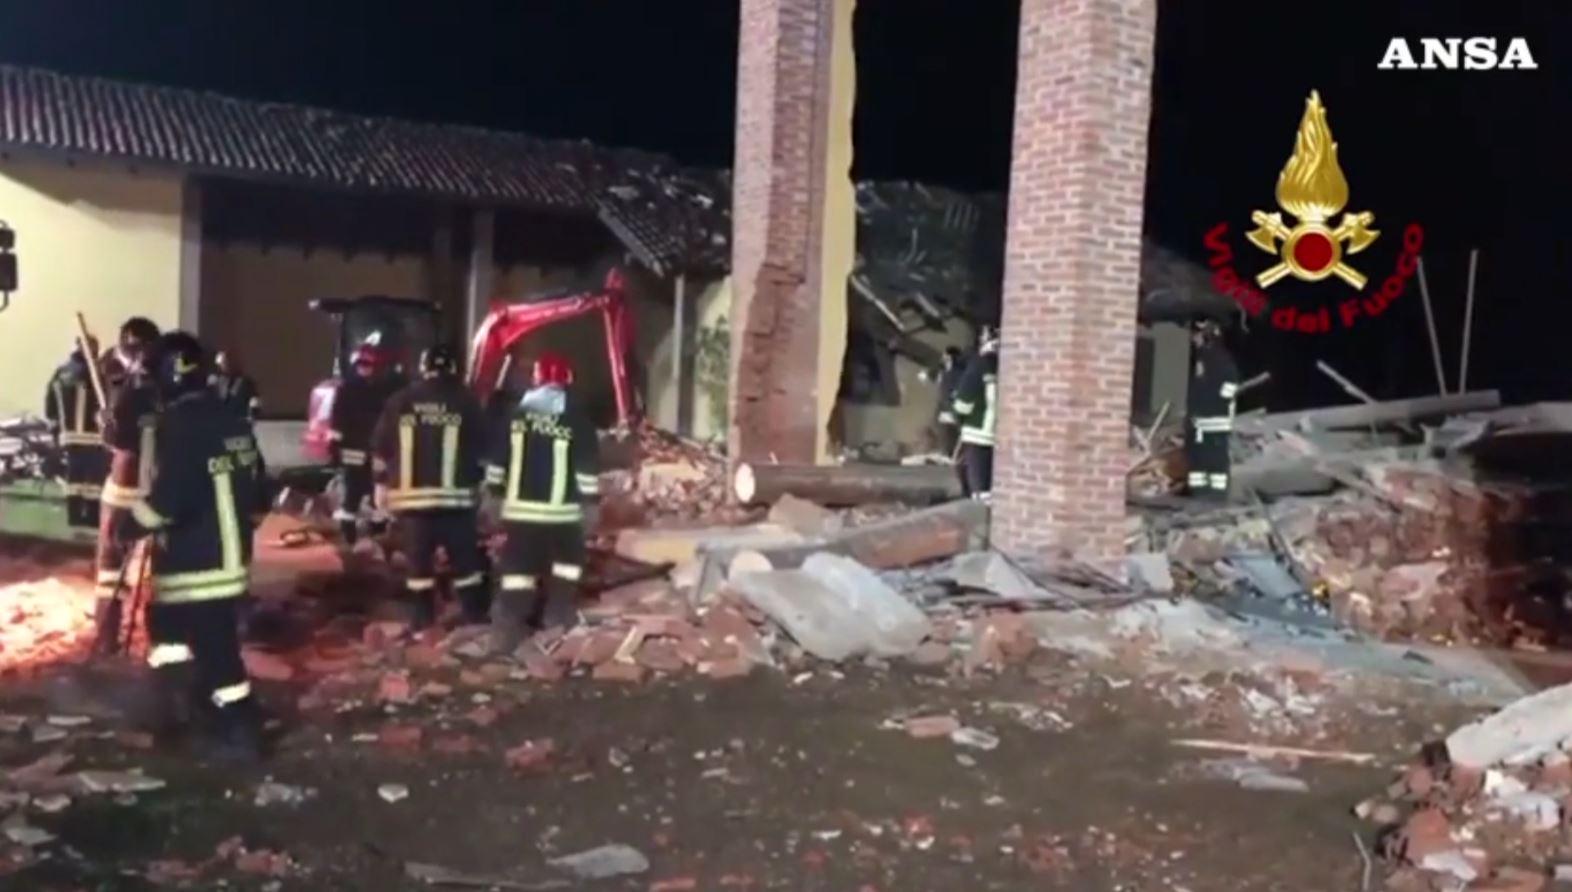 Itali, shpërthim në një ndërtesë në Aleksandria, humbin jetën zjarrfikësit